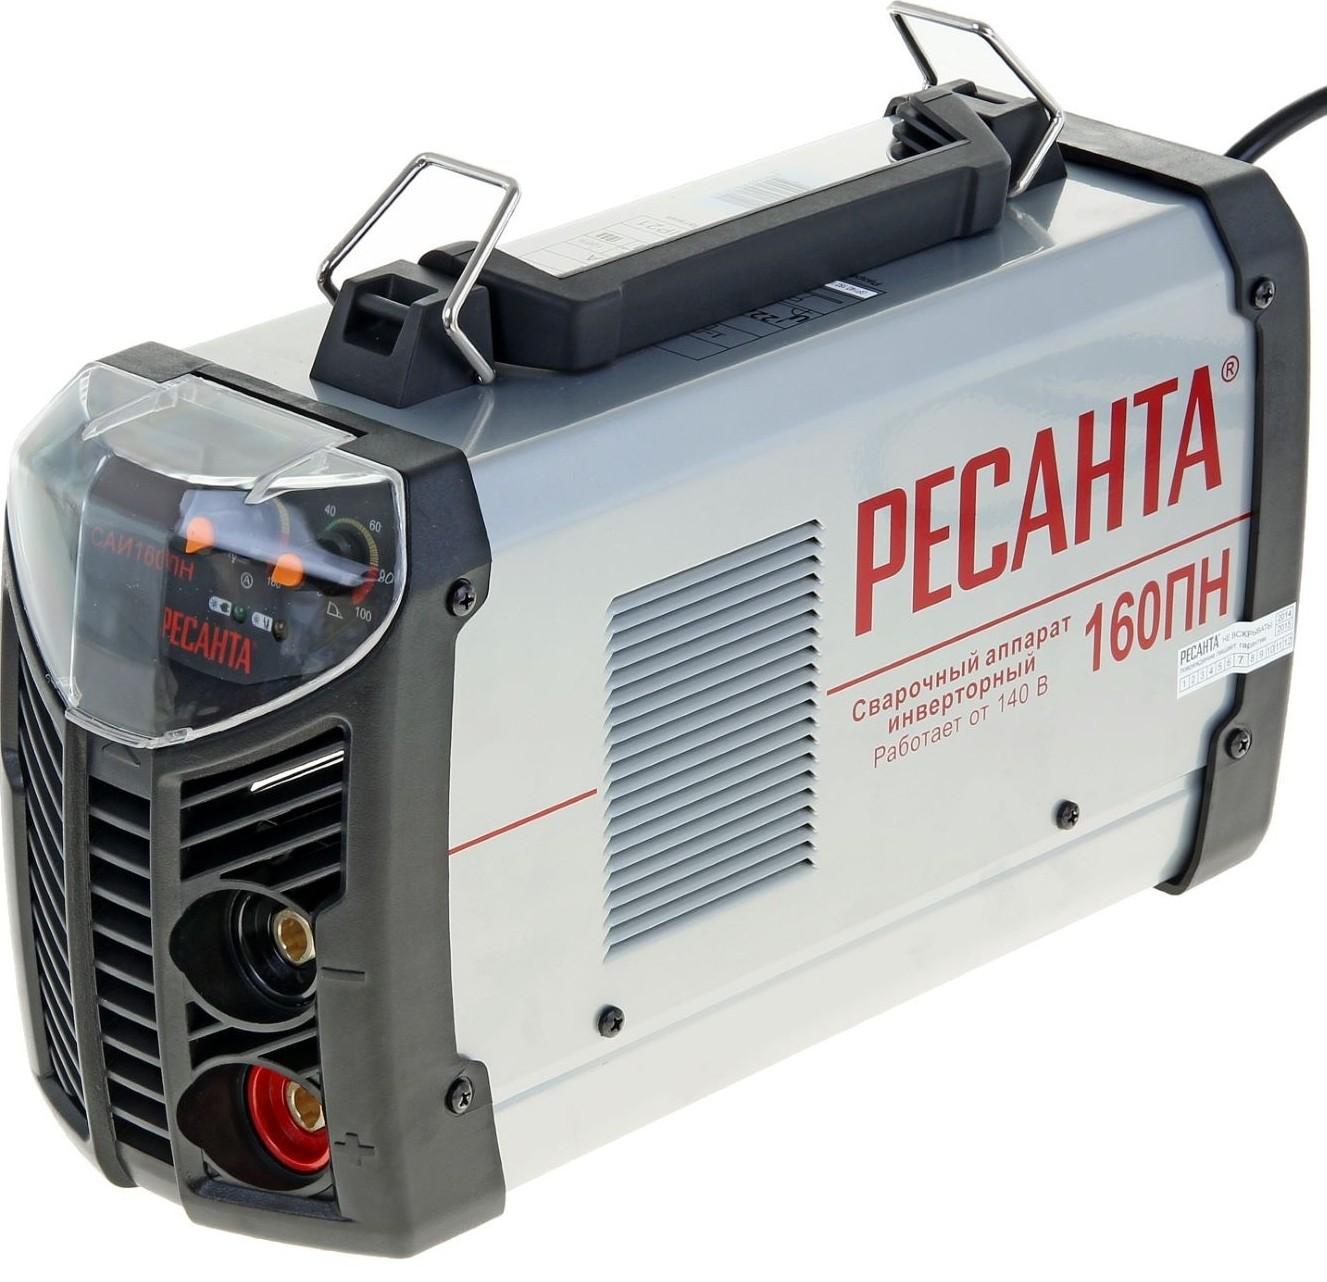 Сварочный аппарат инвертор пермь бытовые сварочные аппараты постоянного